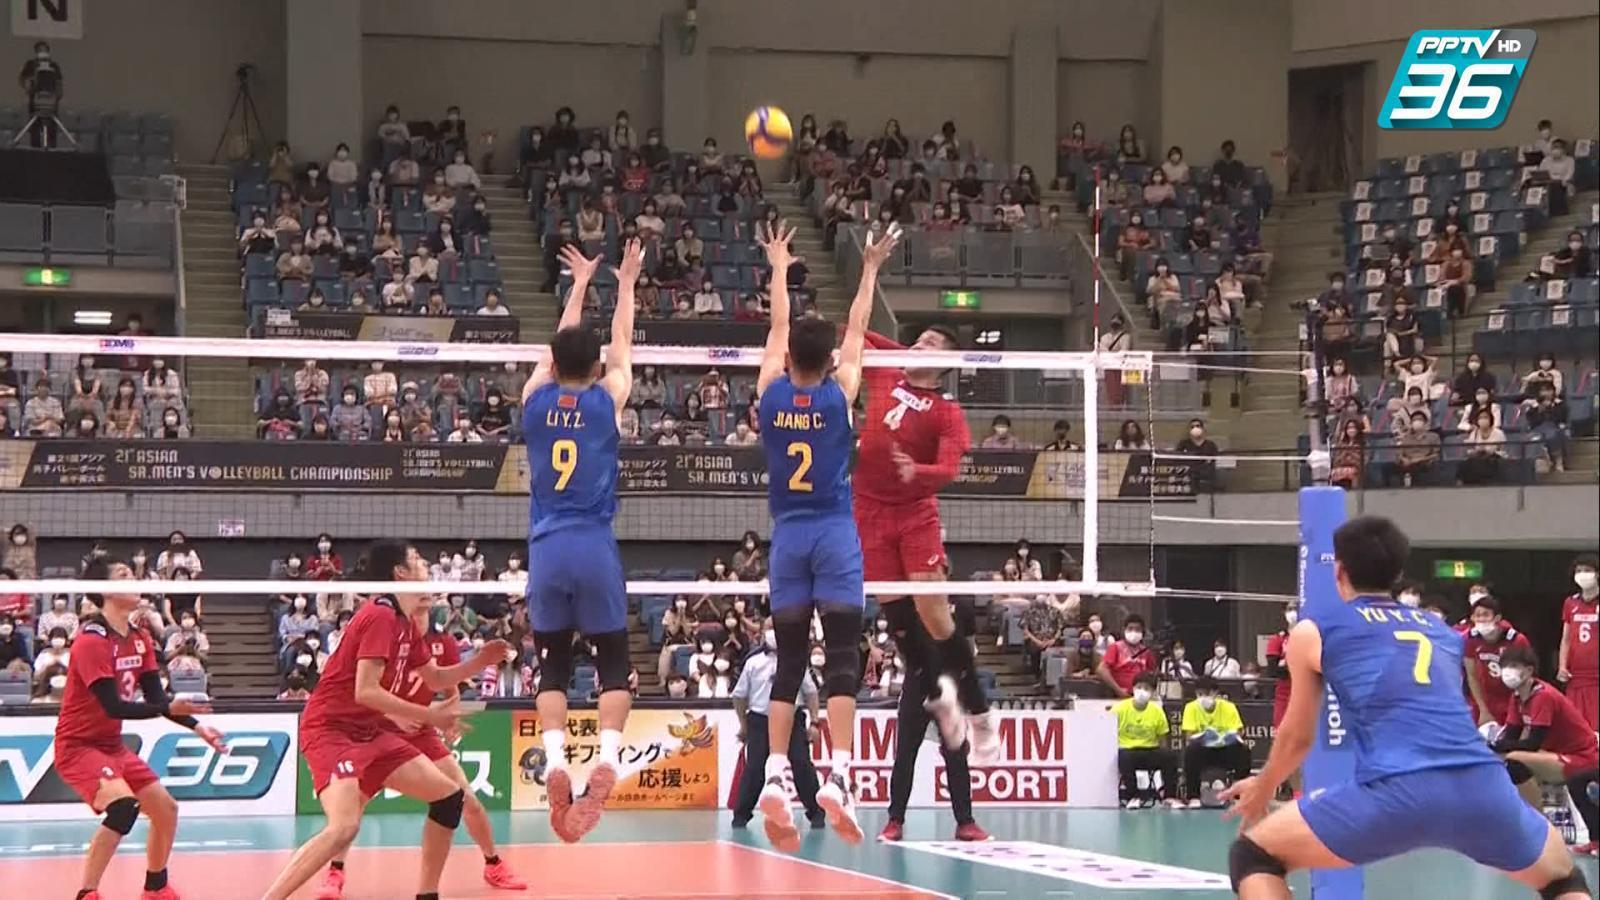 ไฮไลท์ | พีพีทีวี วอลเลย์บอลชาย เจวีเอ ชิงชนะเลิศแห่งเอเชีย | ญี่ปุ่น พบ จีน | 16 ก.ย. 64